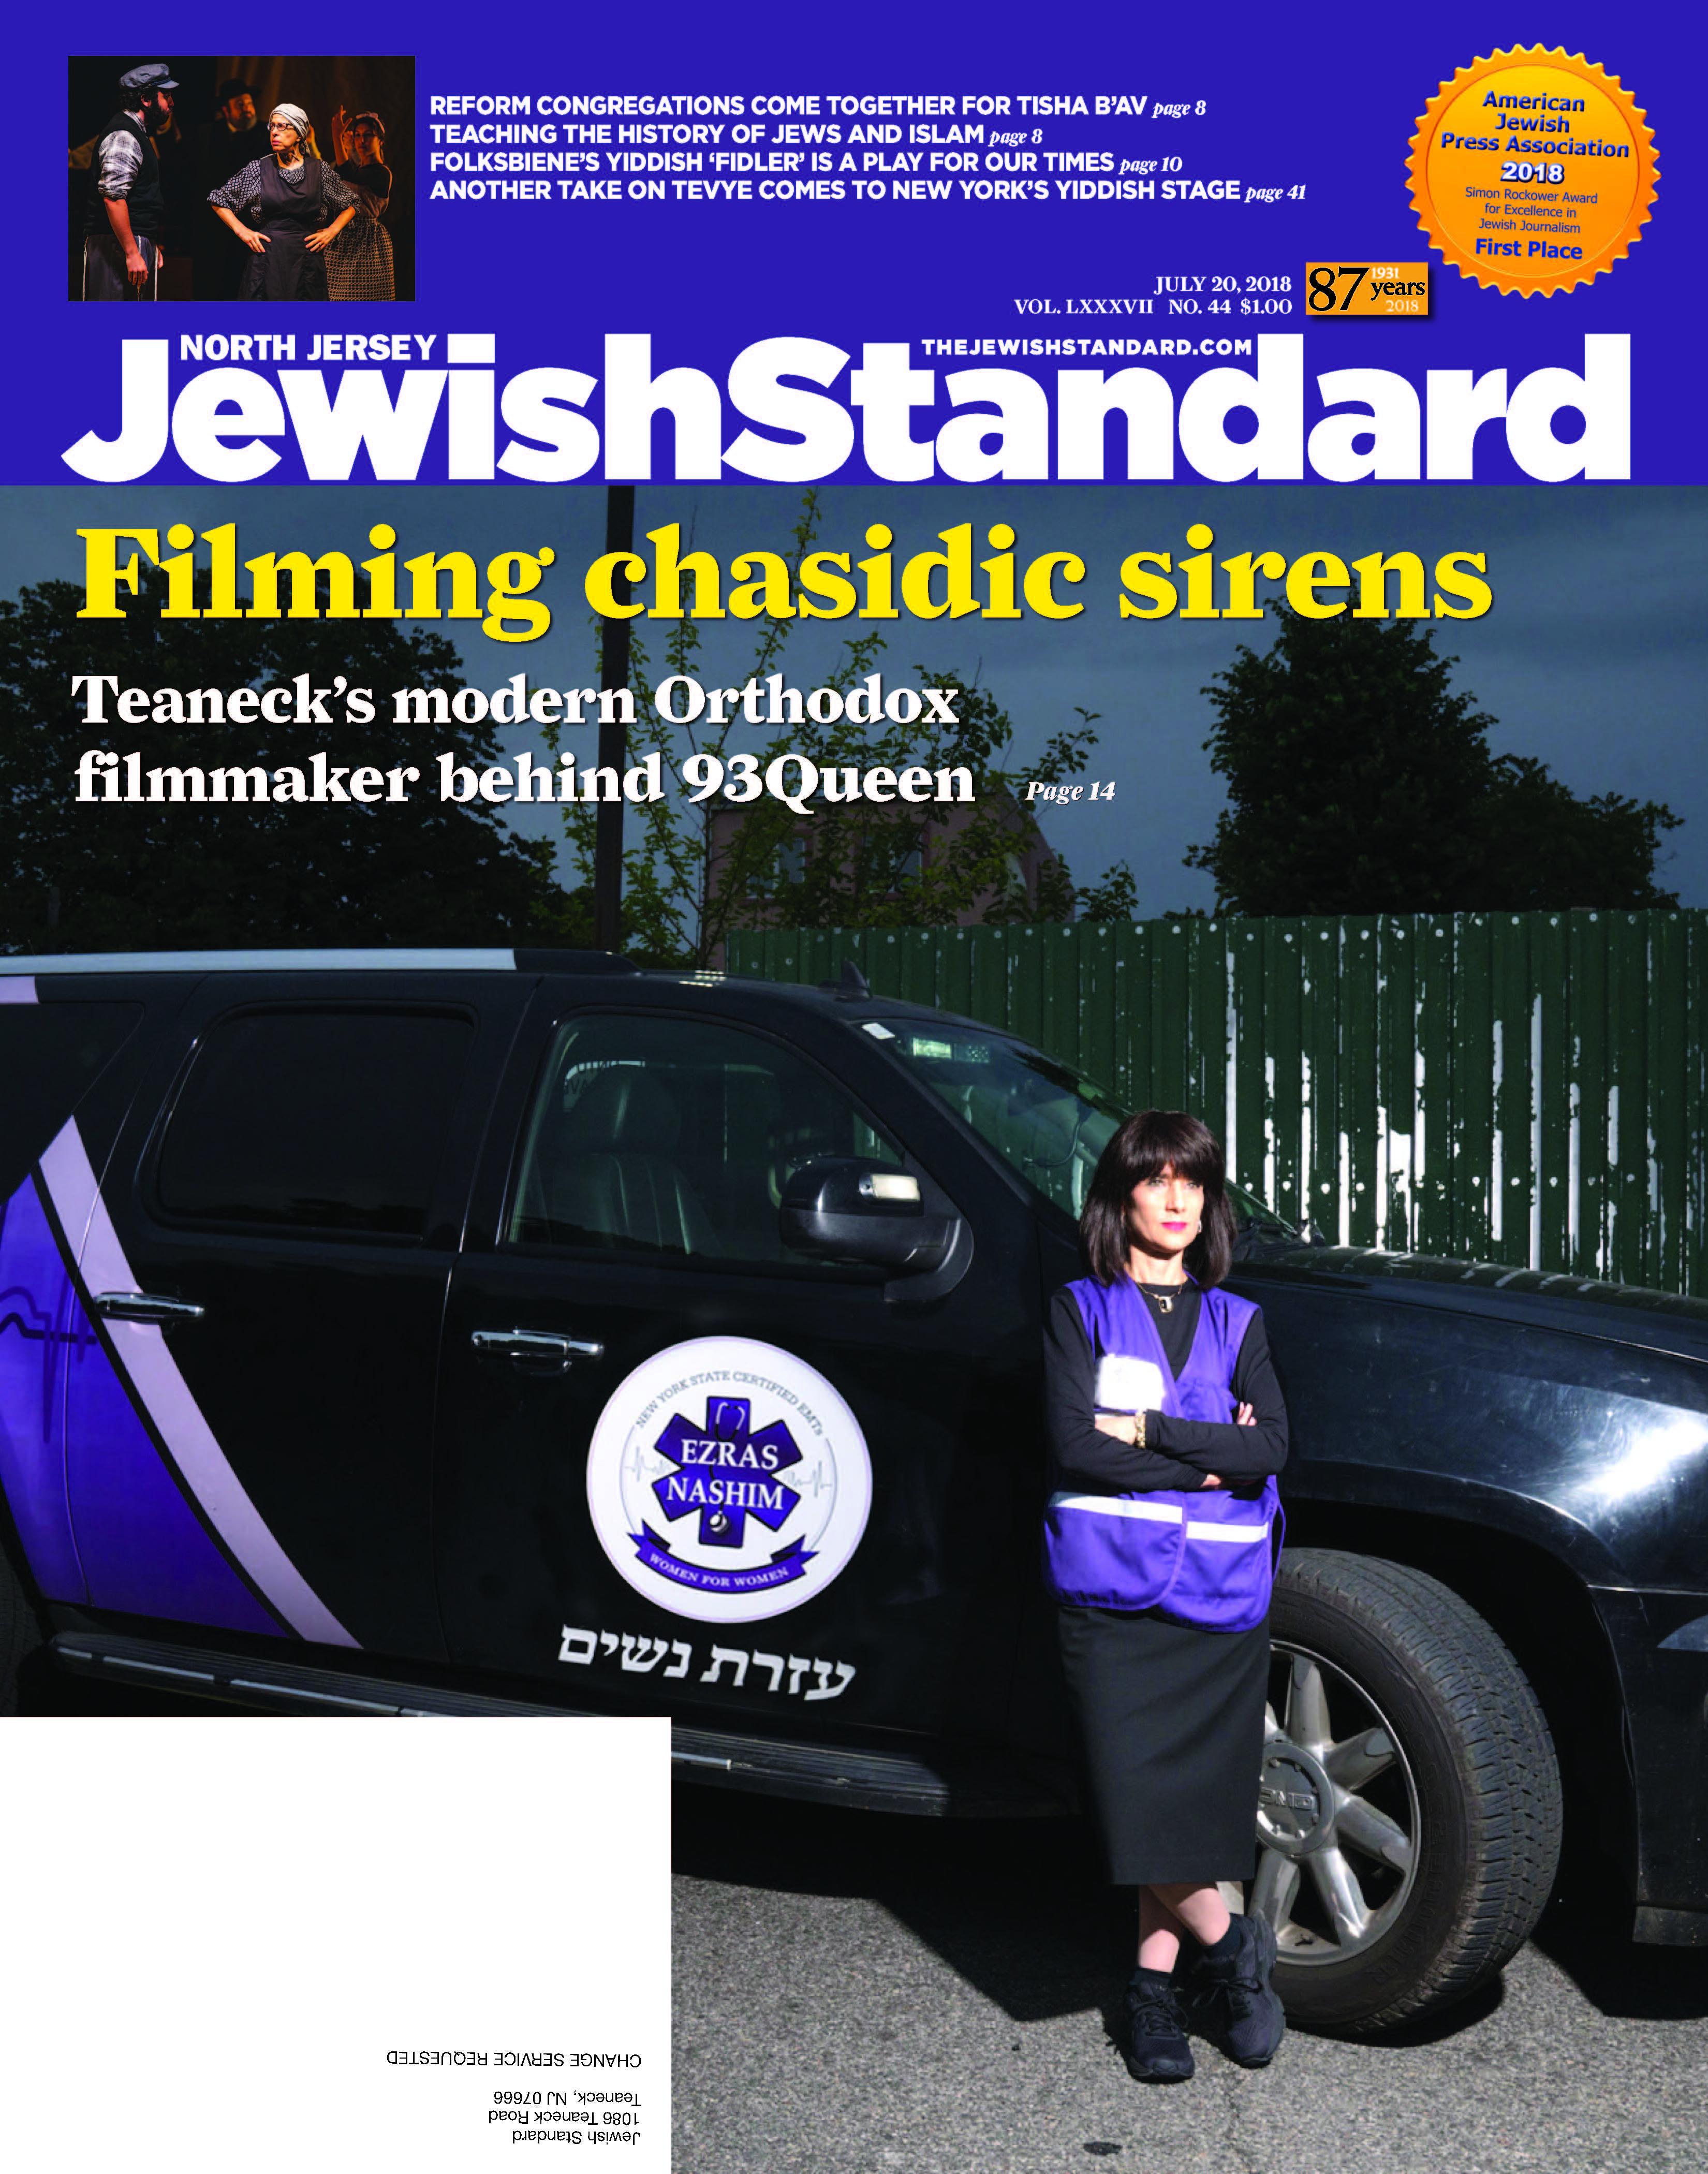 Jewish Standard, July 20, 2018